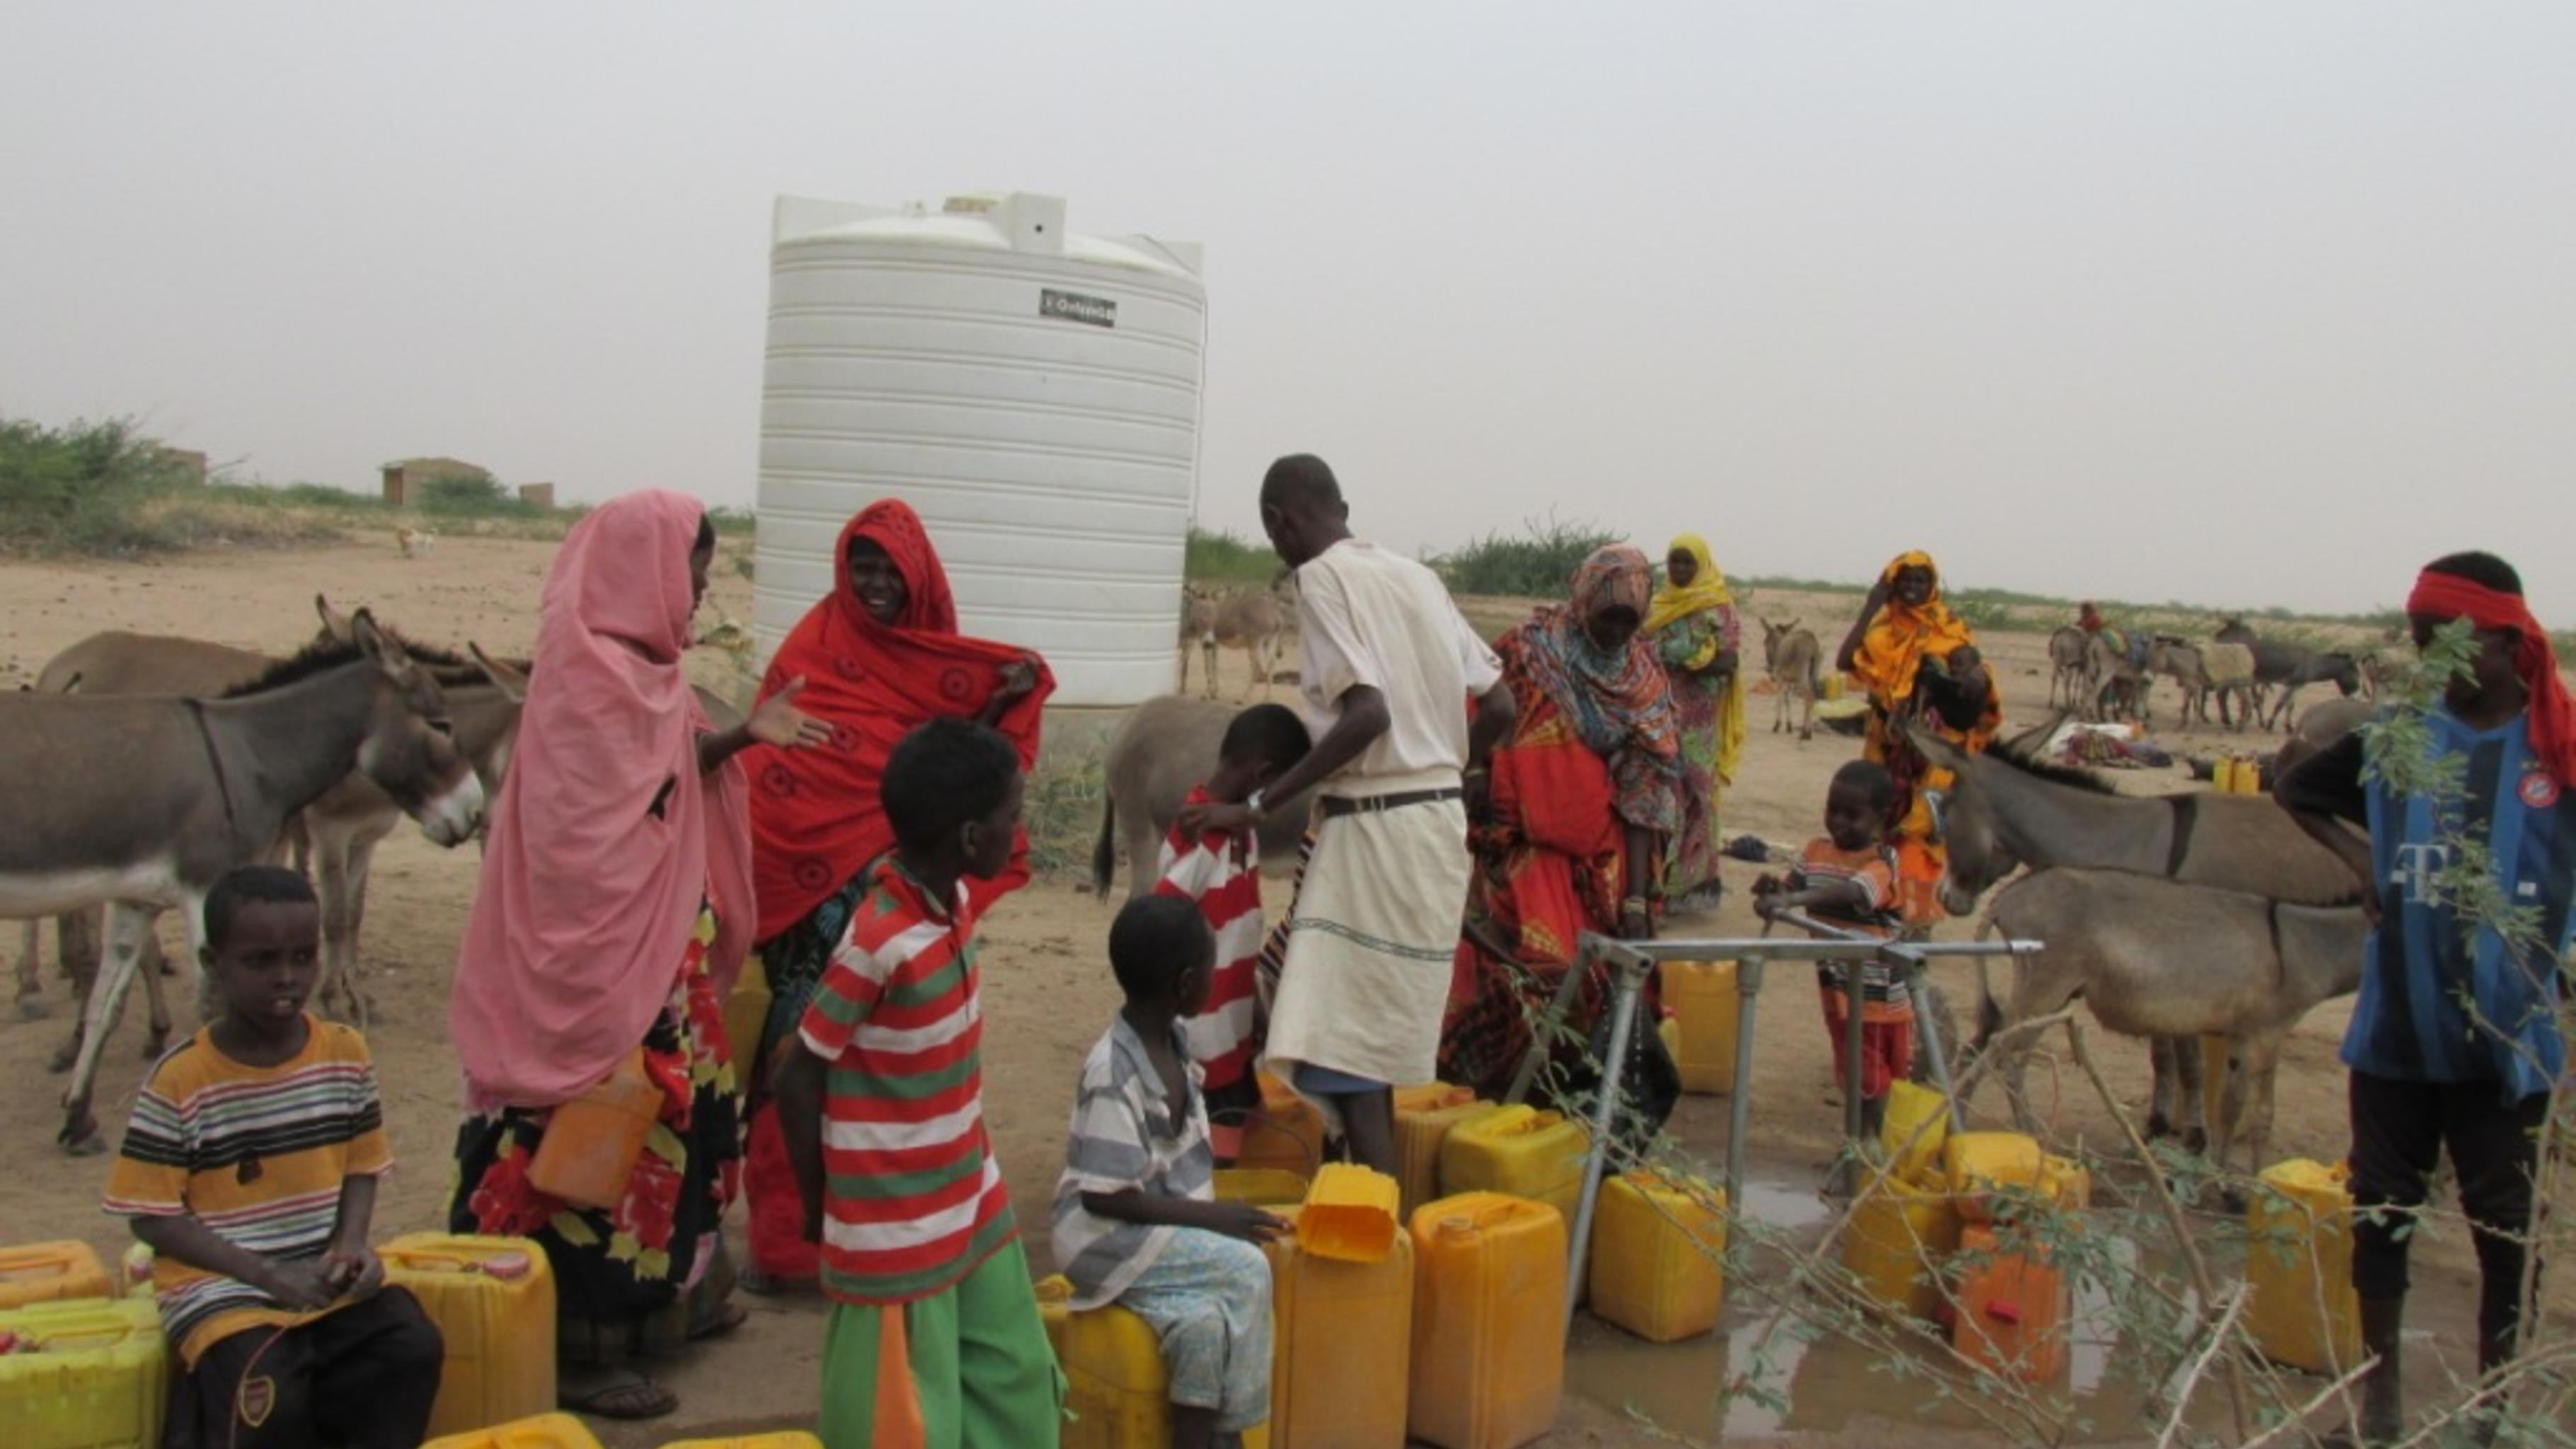 Menschen aus der Umgebung holen sich Wasser an dem vom Oxfam aufgestellten Wassertank in Bisle.